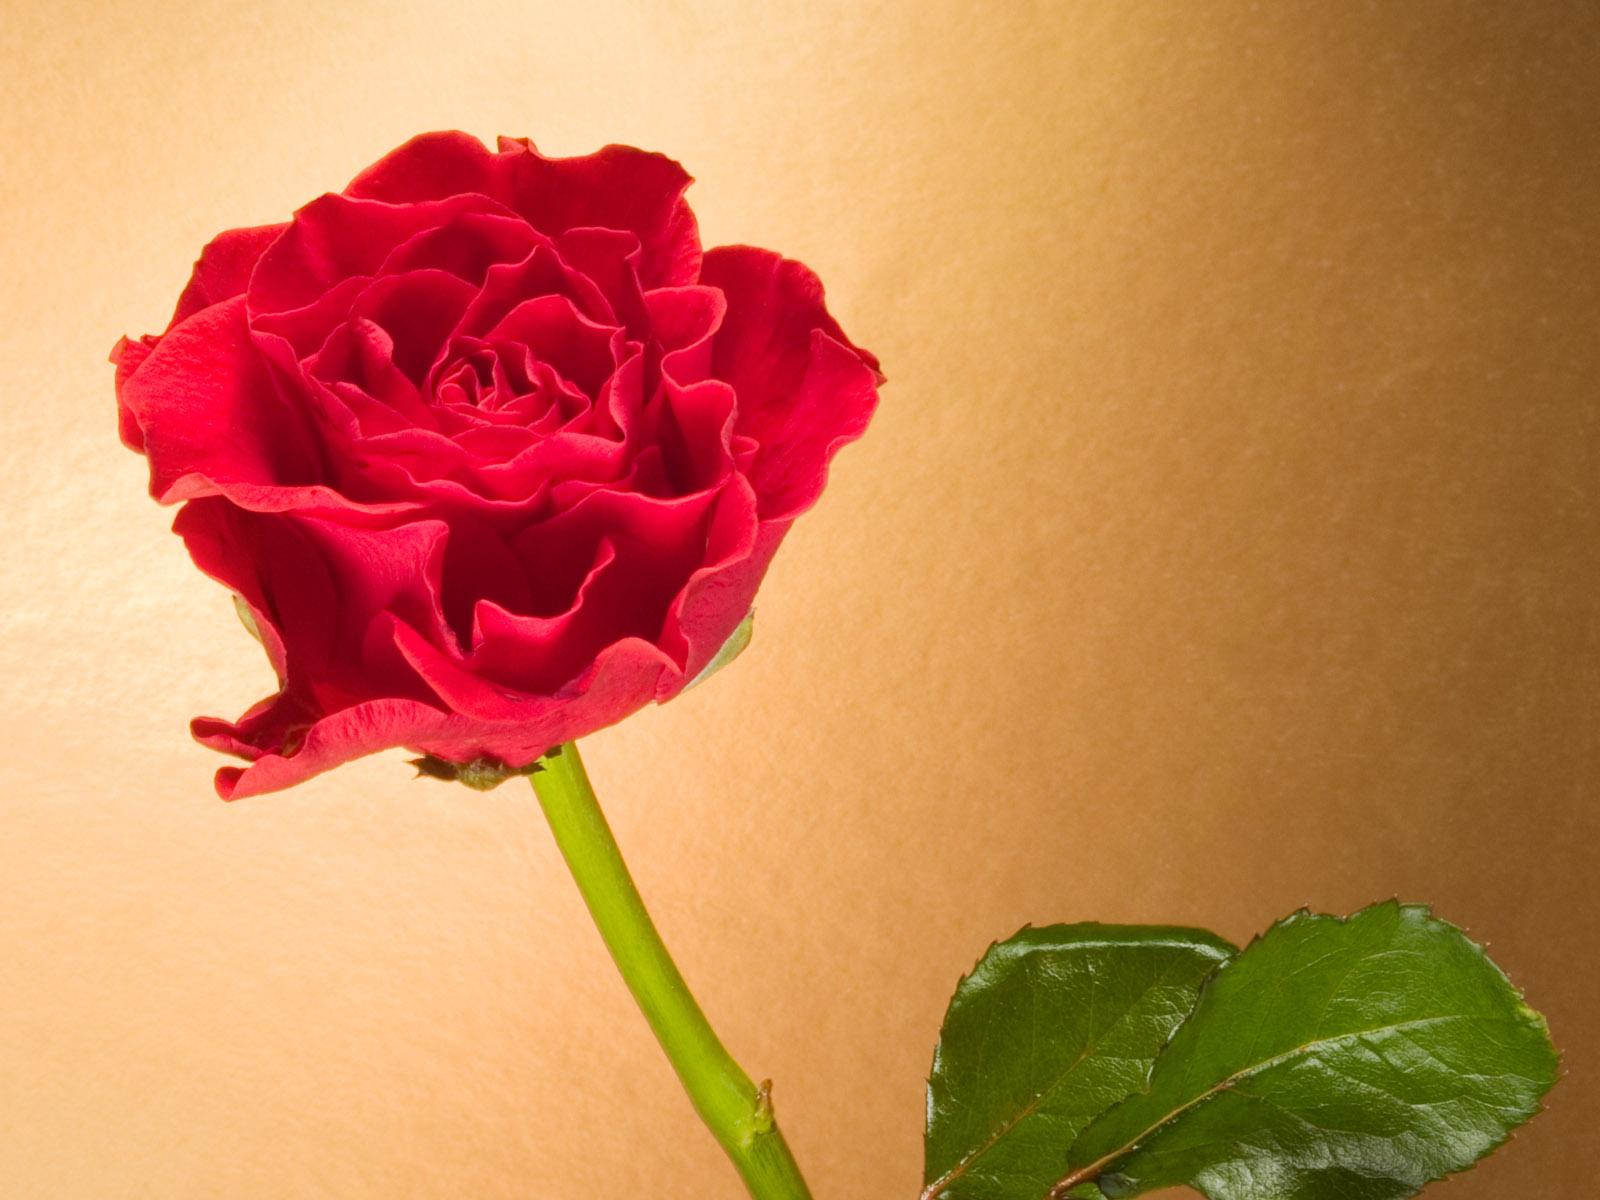 красная роза на бежевом фоне, скачать фото